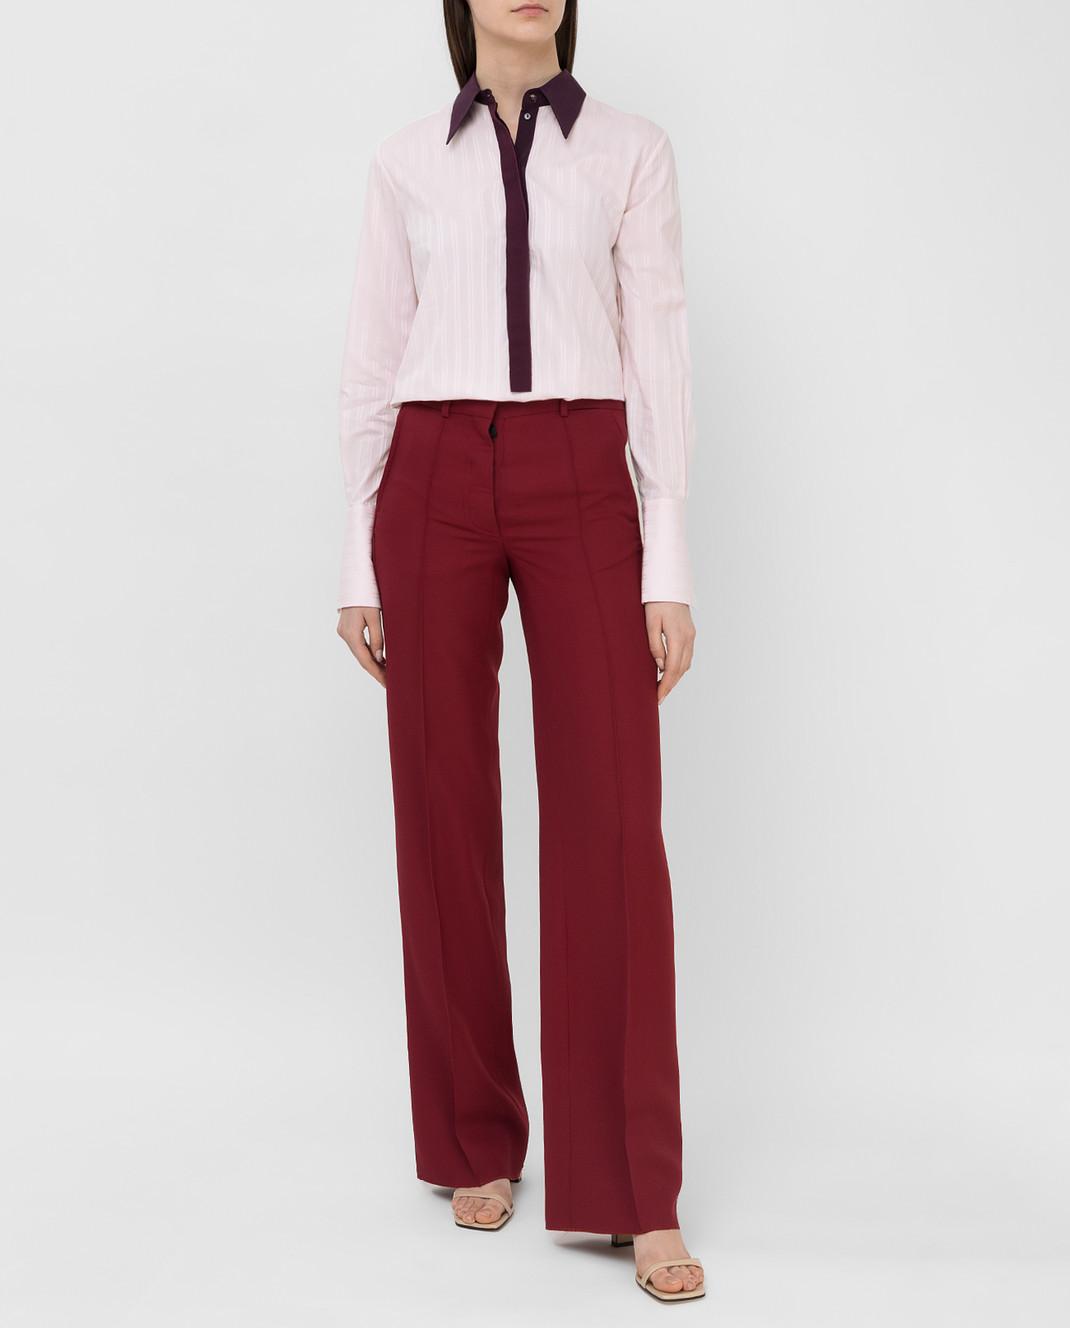 Victoria Beckham Бордовые брюки из шерсти TRWID2500D изображение 2